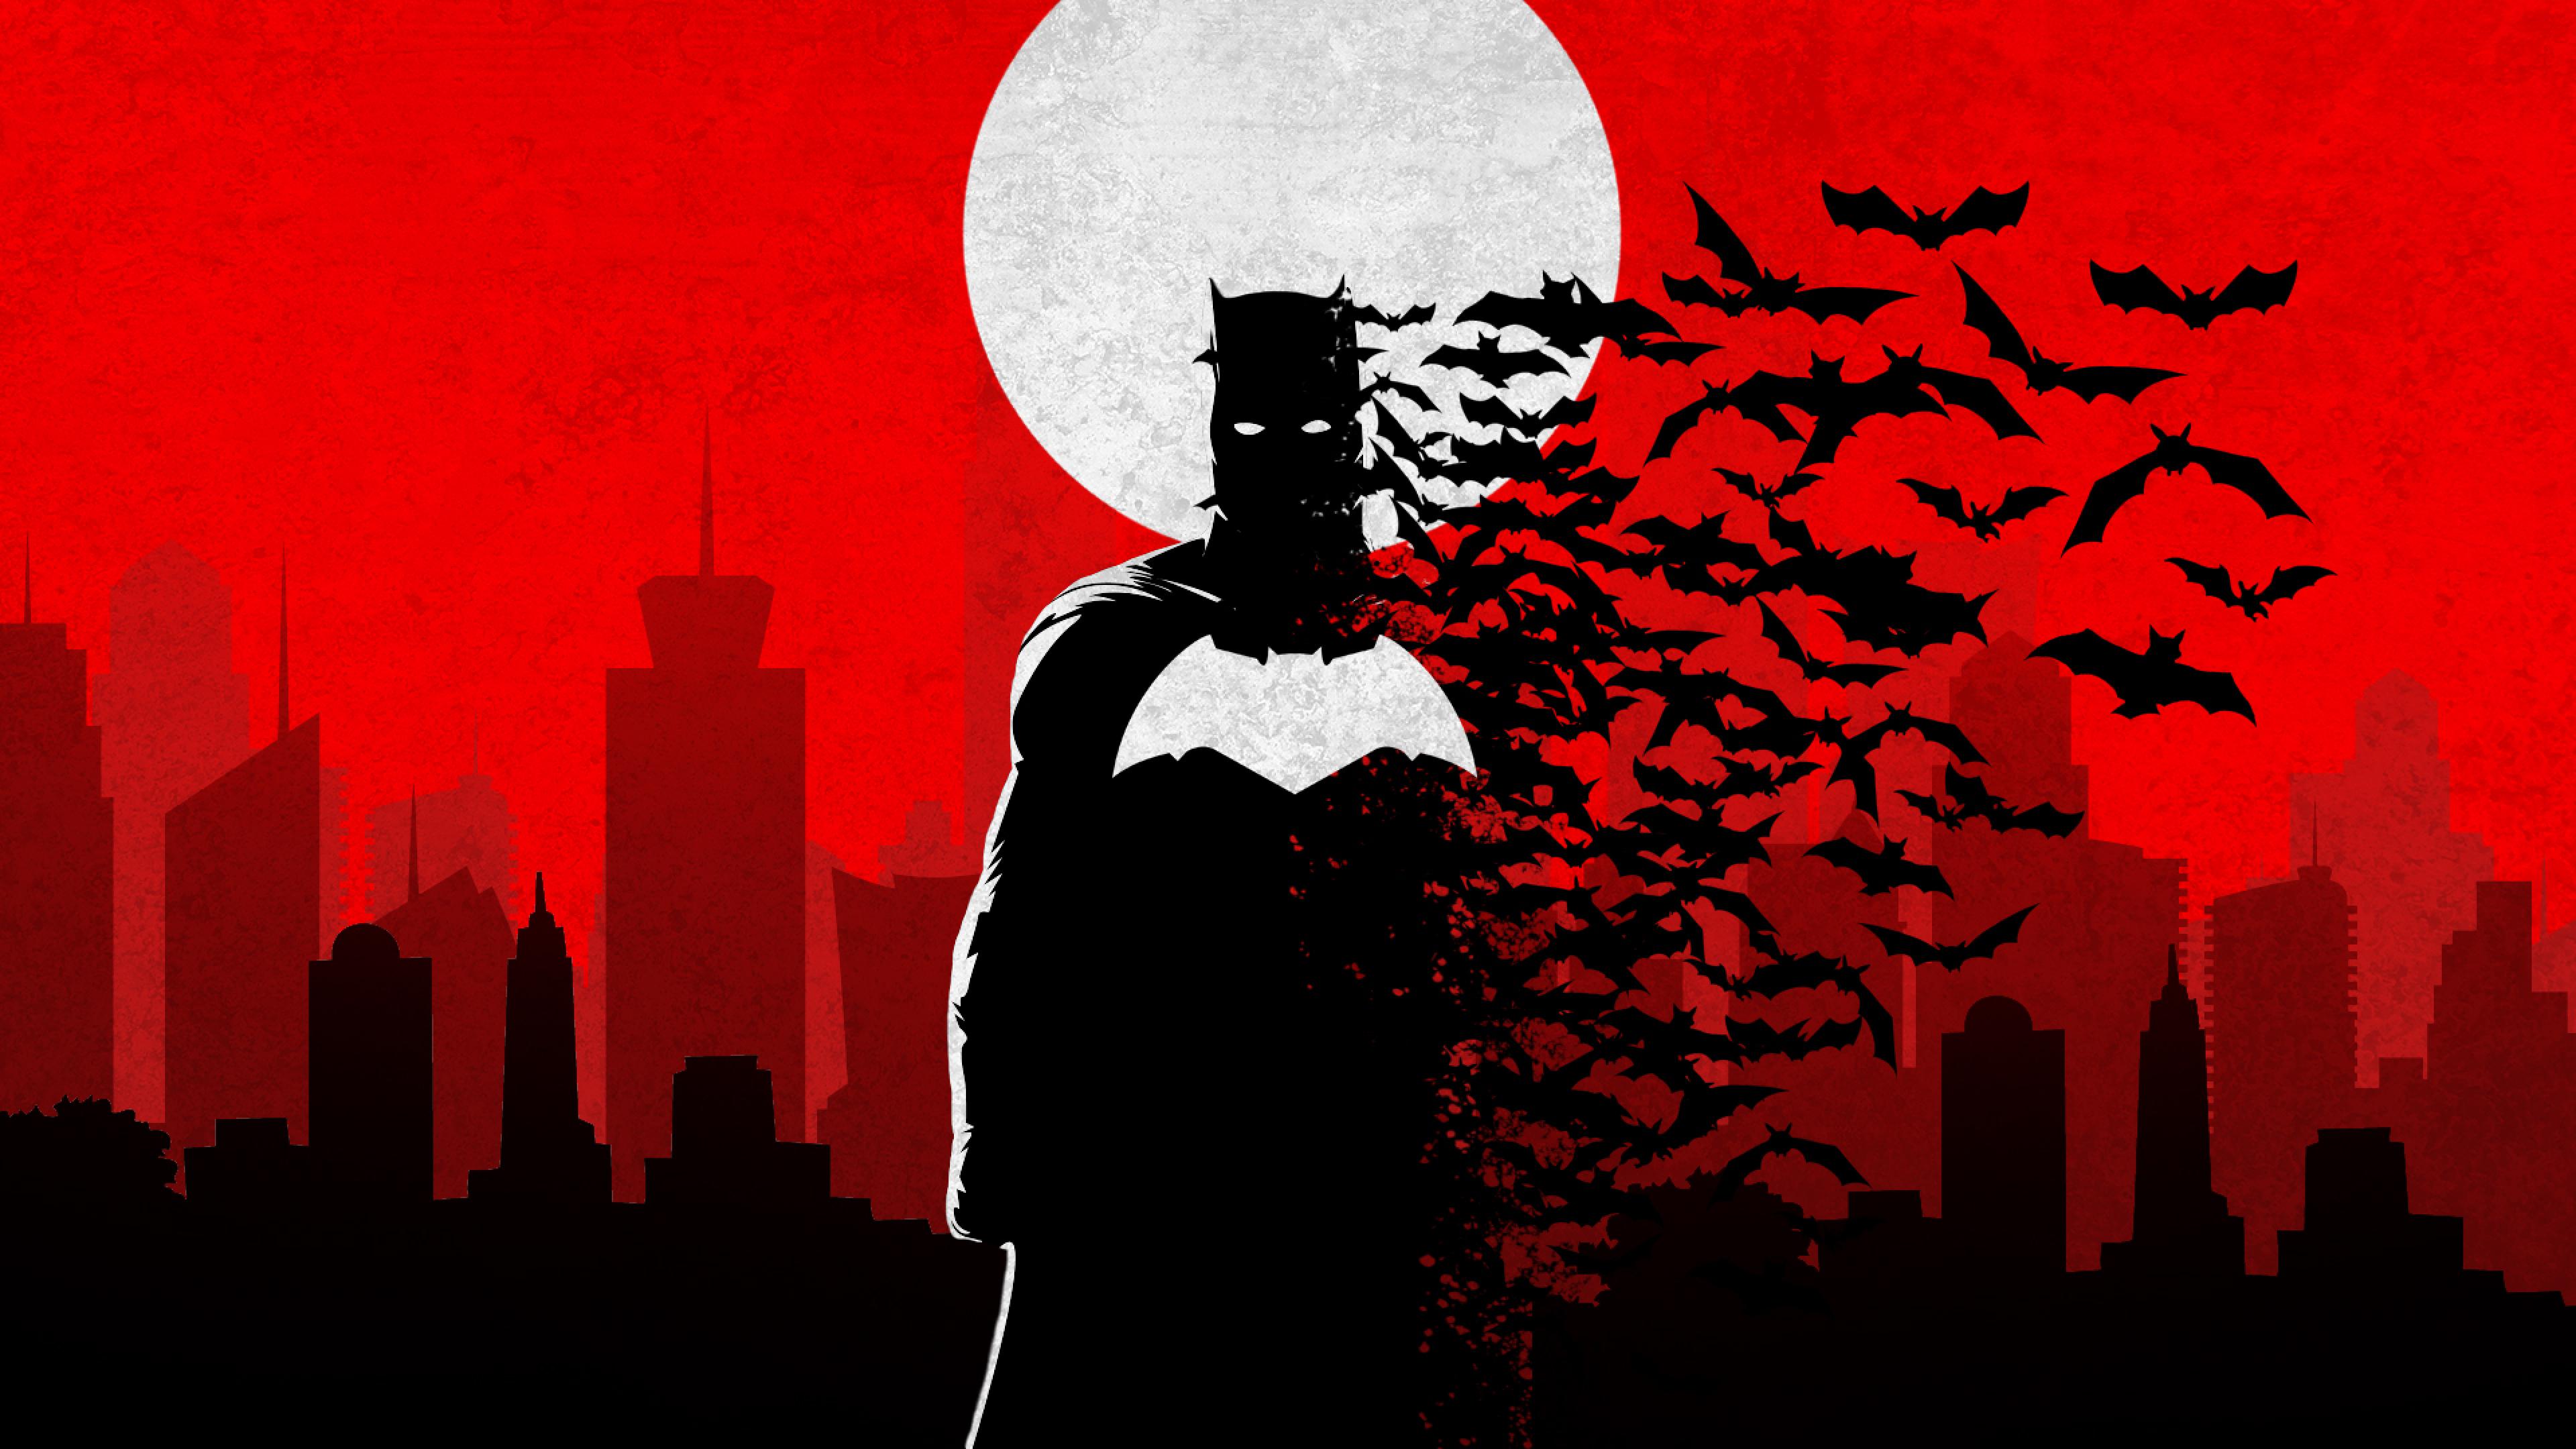 Download Ultra Hd Batman Wallpapers For Pc Pics